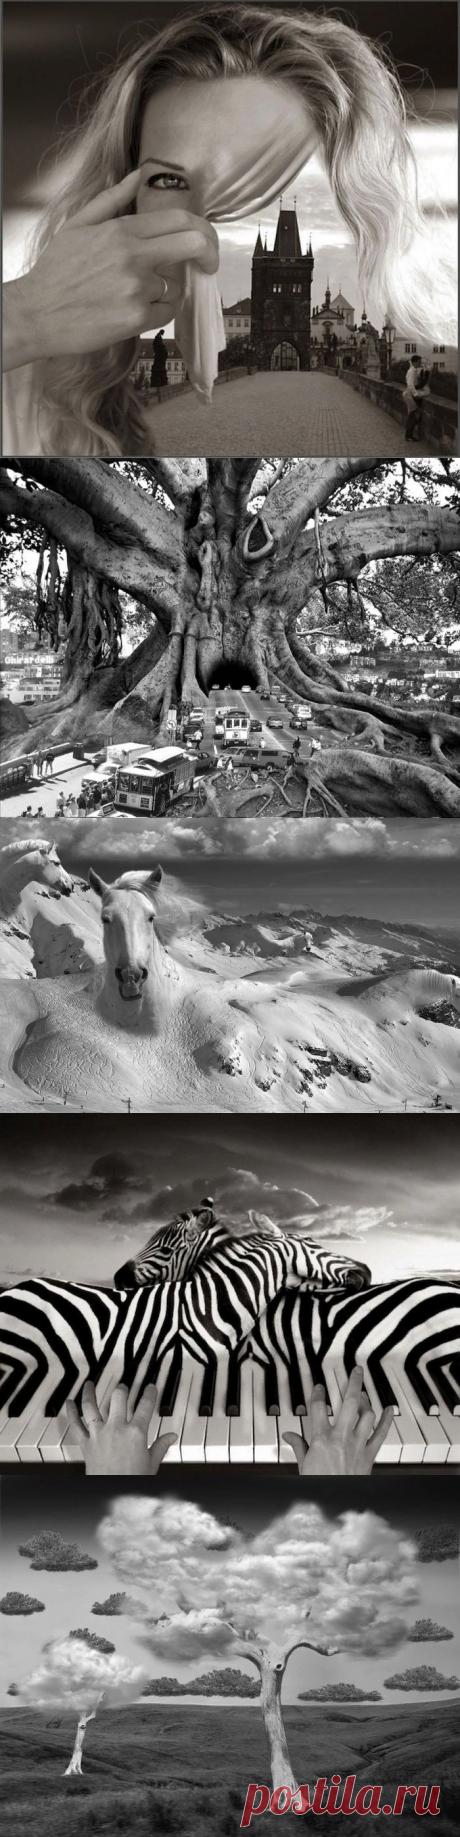 Сюрреалистические пейзажи фотографа Thomas Barbey — Фотошедевры